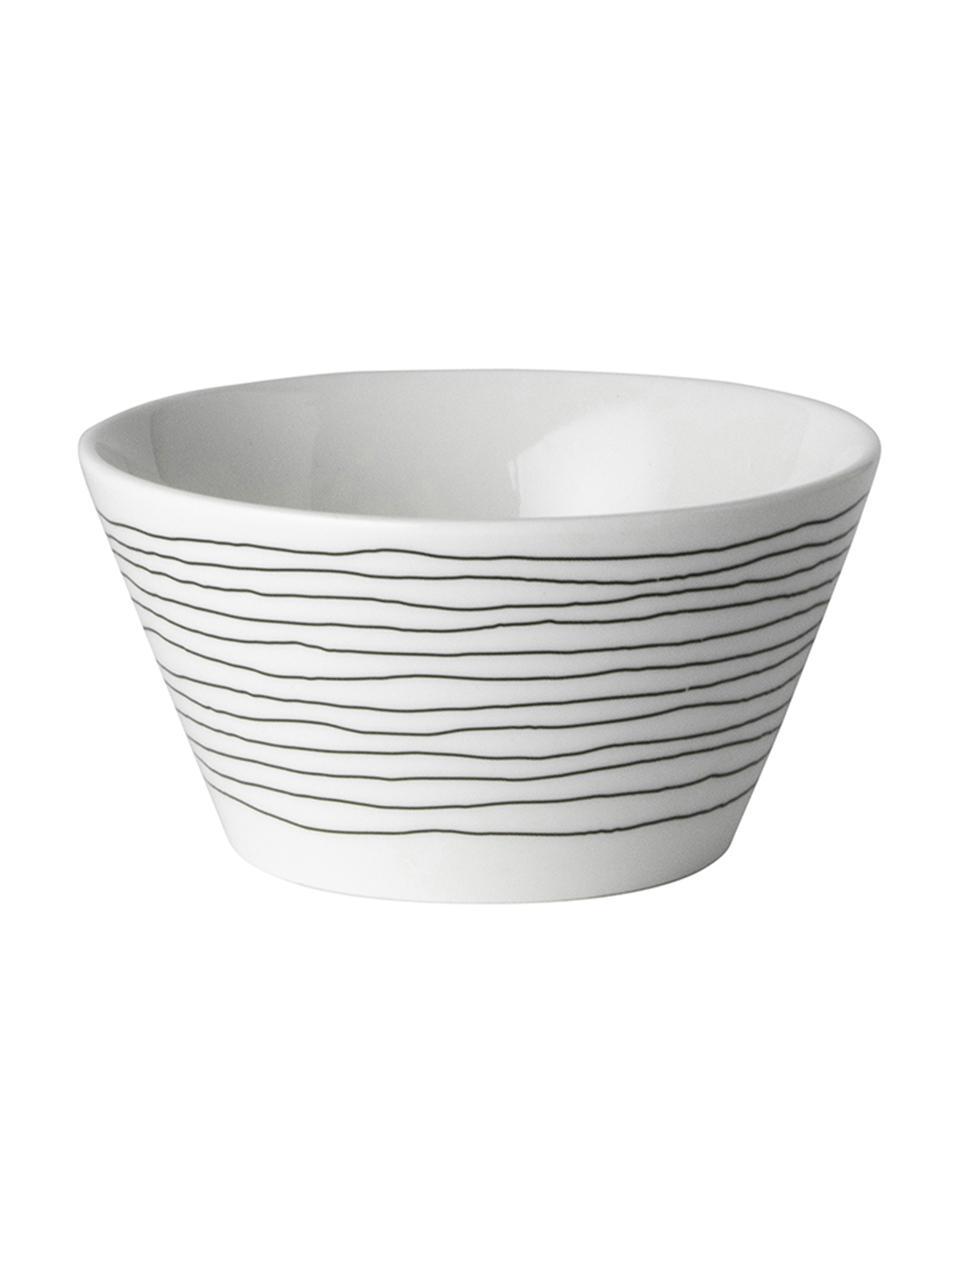 Miseczka Eris Loft, 4 szt., Porcelana, Biały, czarny, Ø 10 x W 6 cm